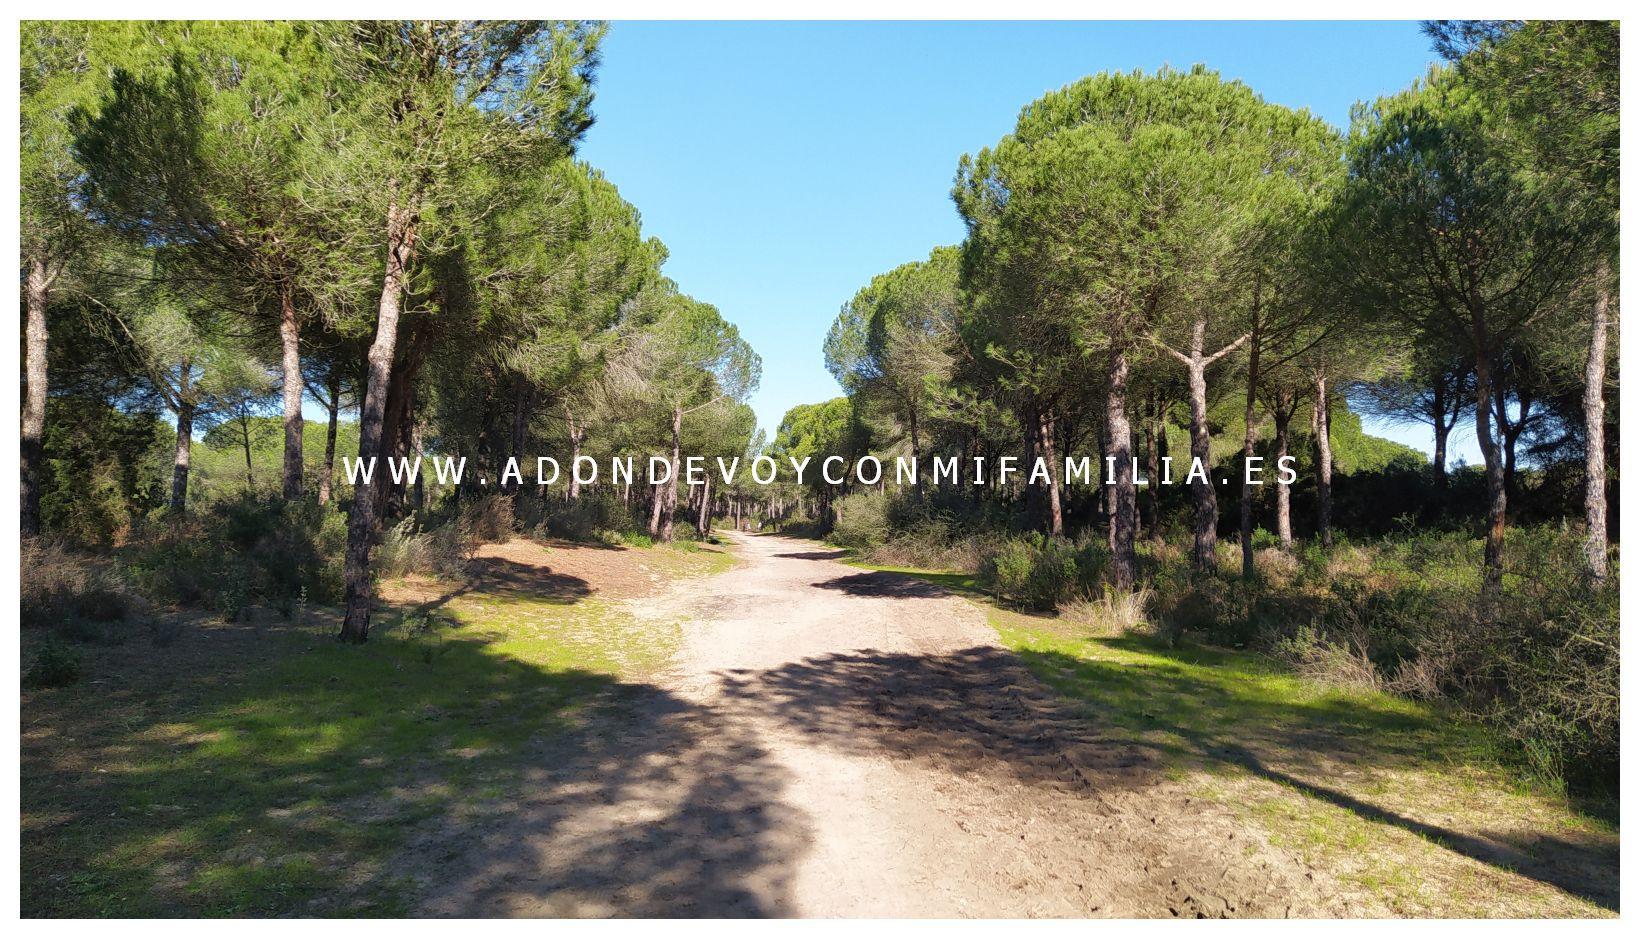 sendero-cerro-del-aguila-pinar-de-la-algaida-sanlucar-adondevoyconmifamilia-61